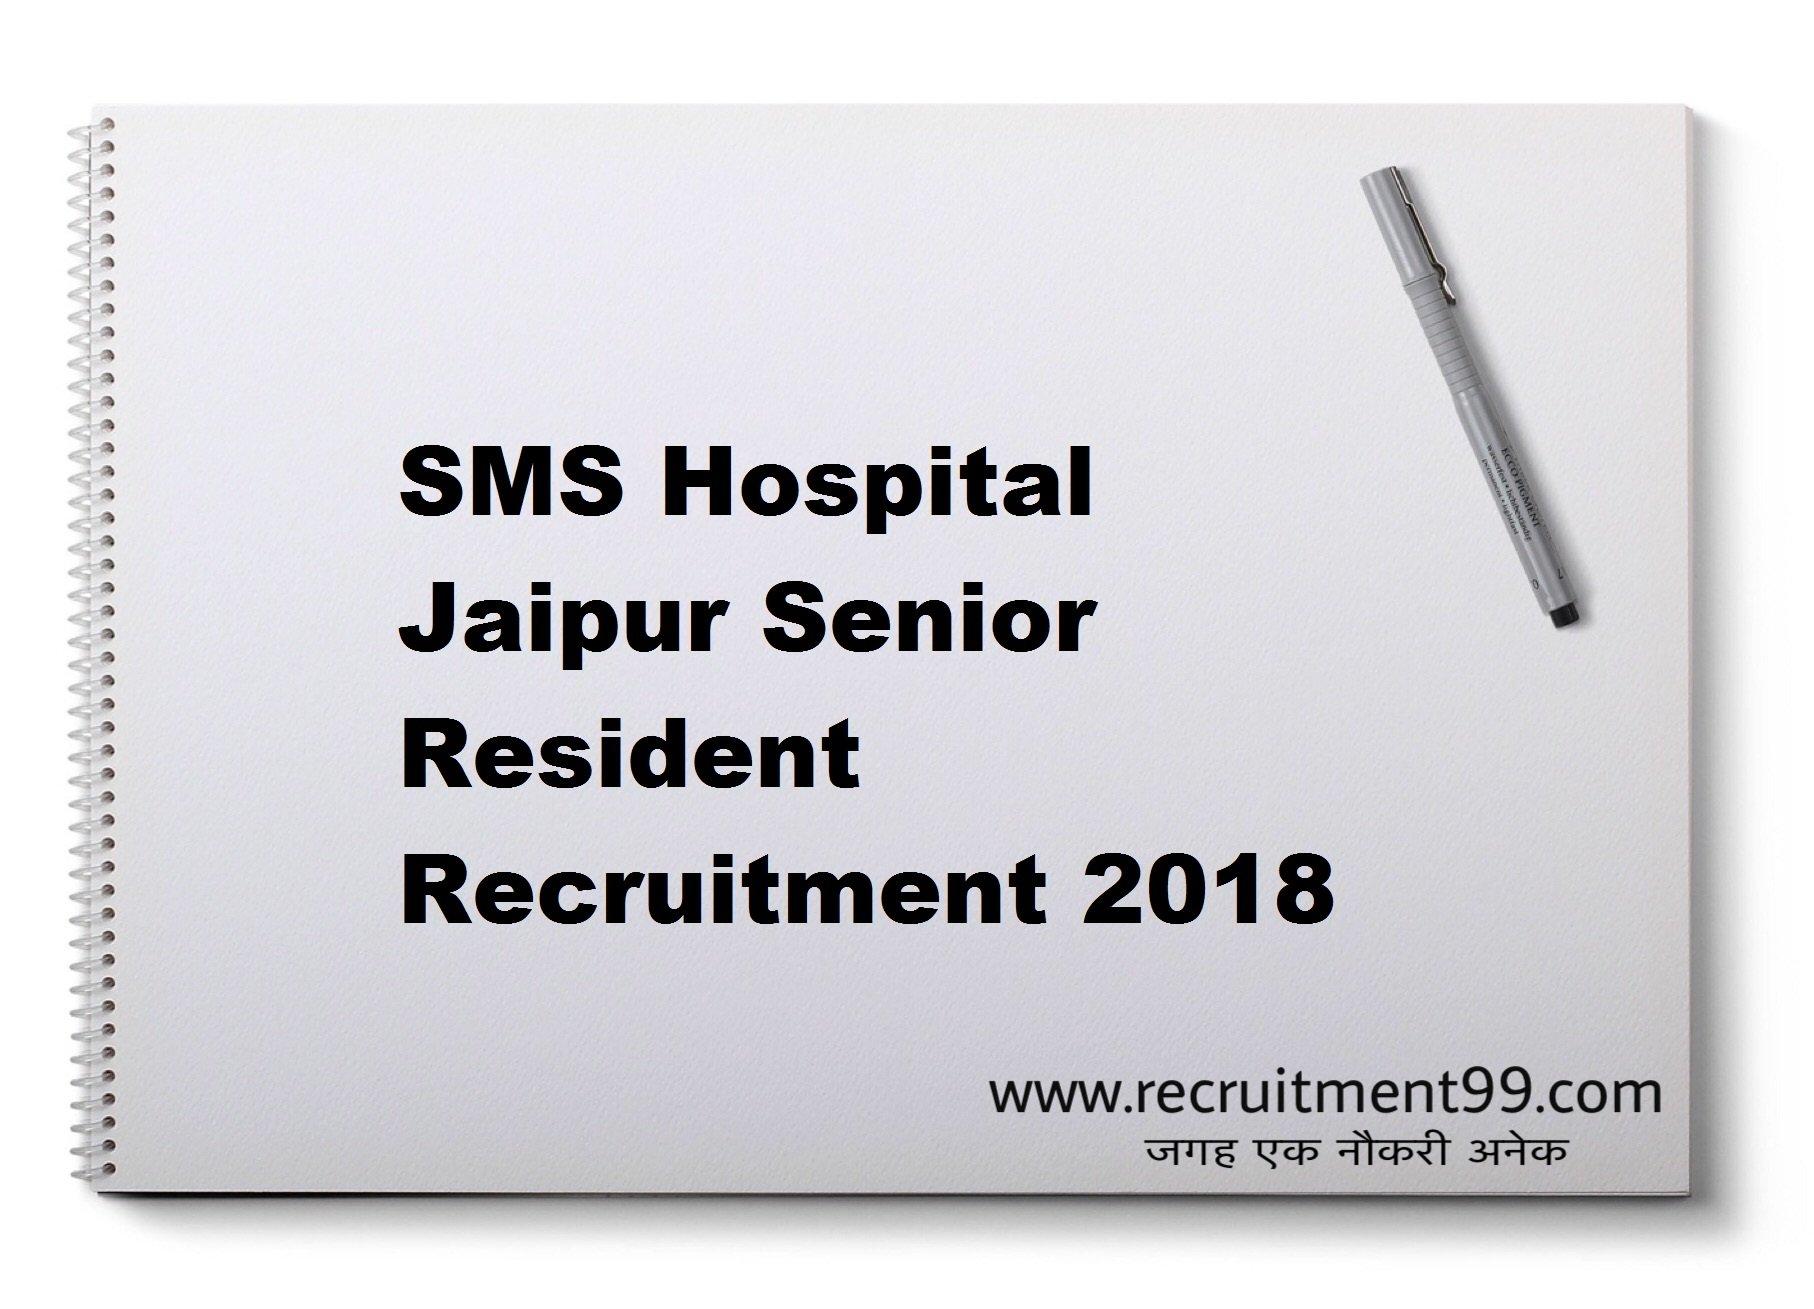 SMS Hospital Jaipur Senior Resident Recruitment 2018